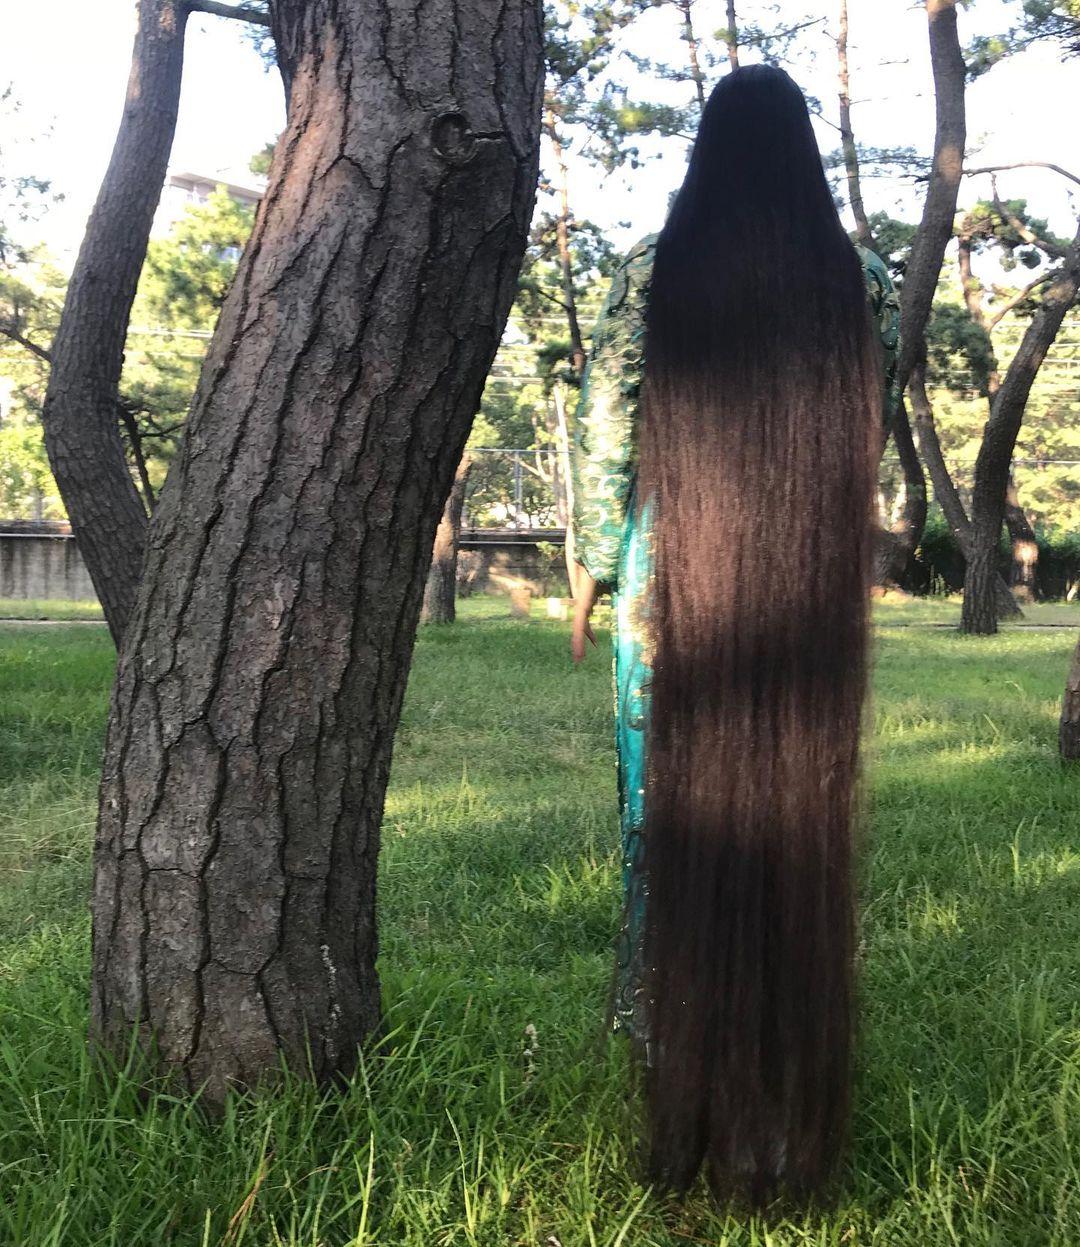 يابانية لم تقص شعرها منذ الطفولة بلغ طوله متر و82 سم . (3)